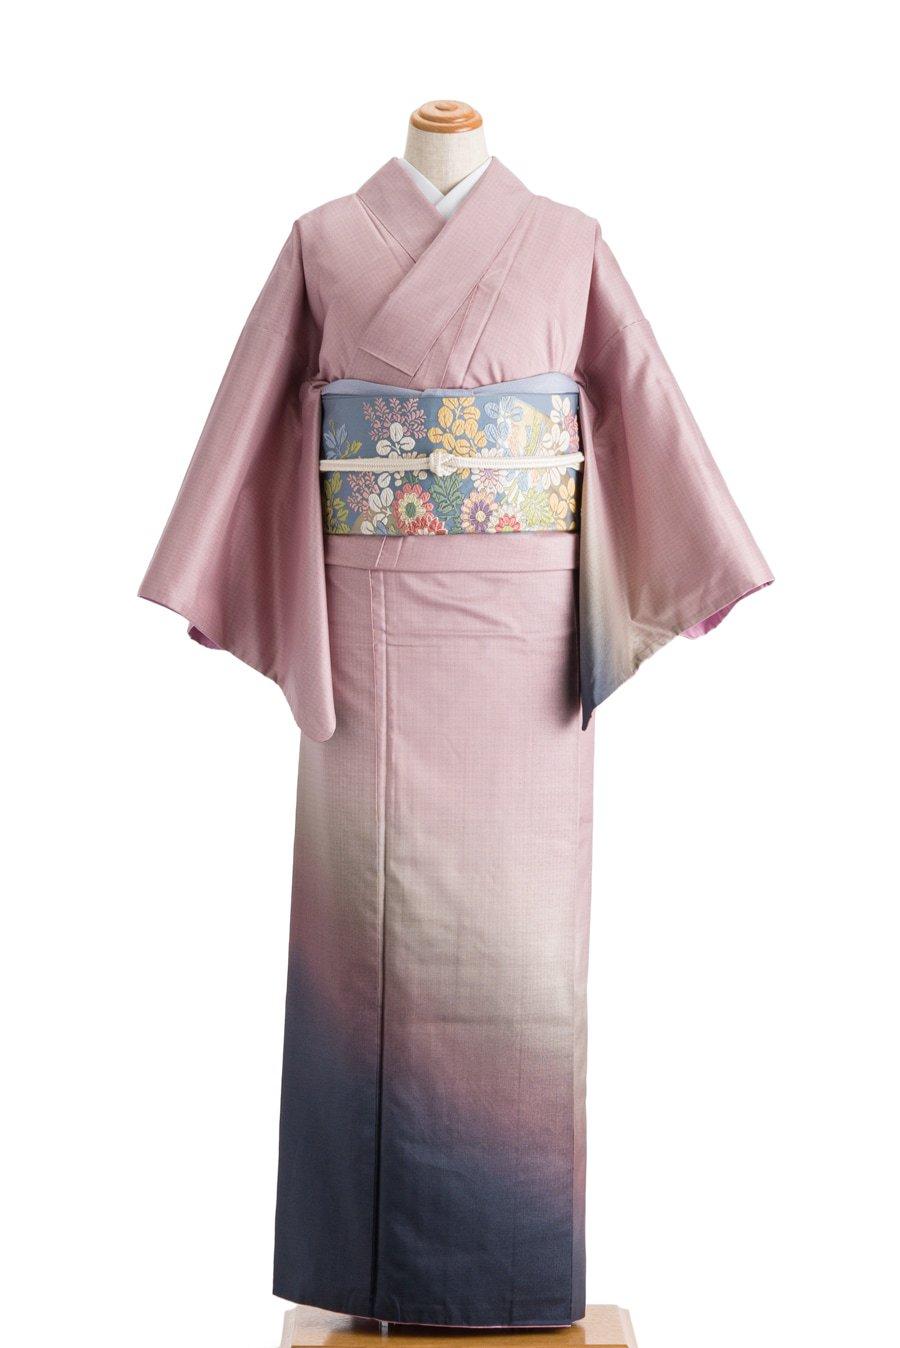 「染め大島紬 付け下げ グラデーションカラー」の商品画像